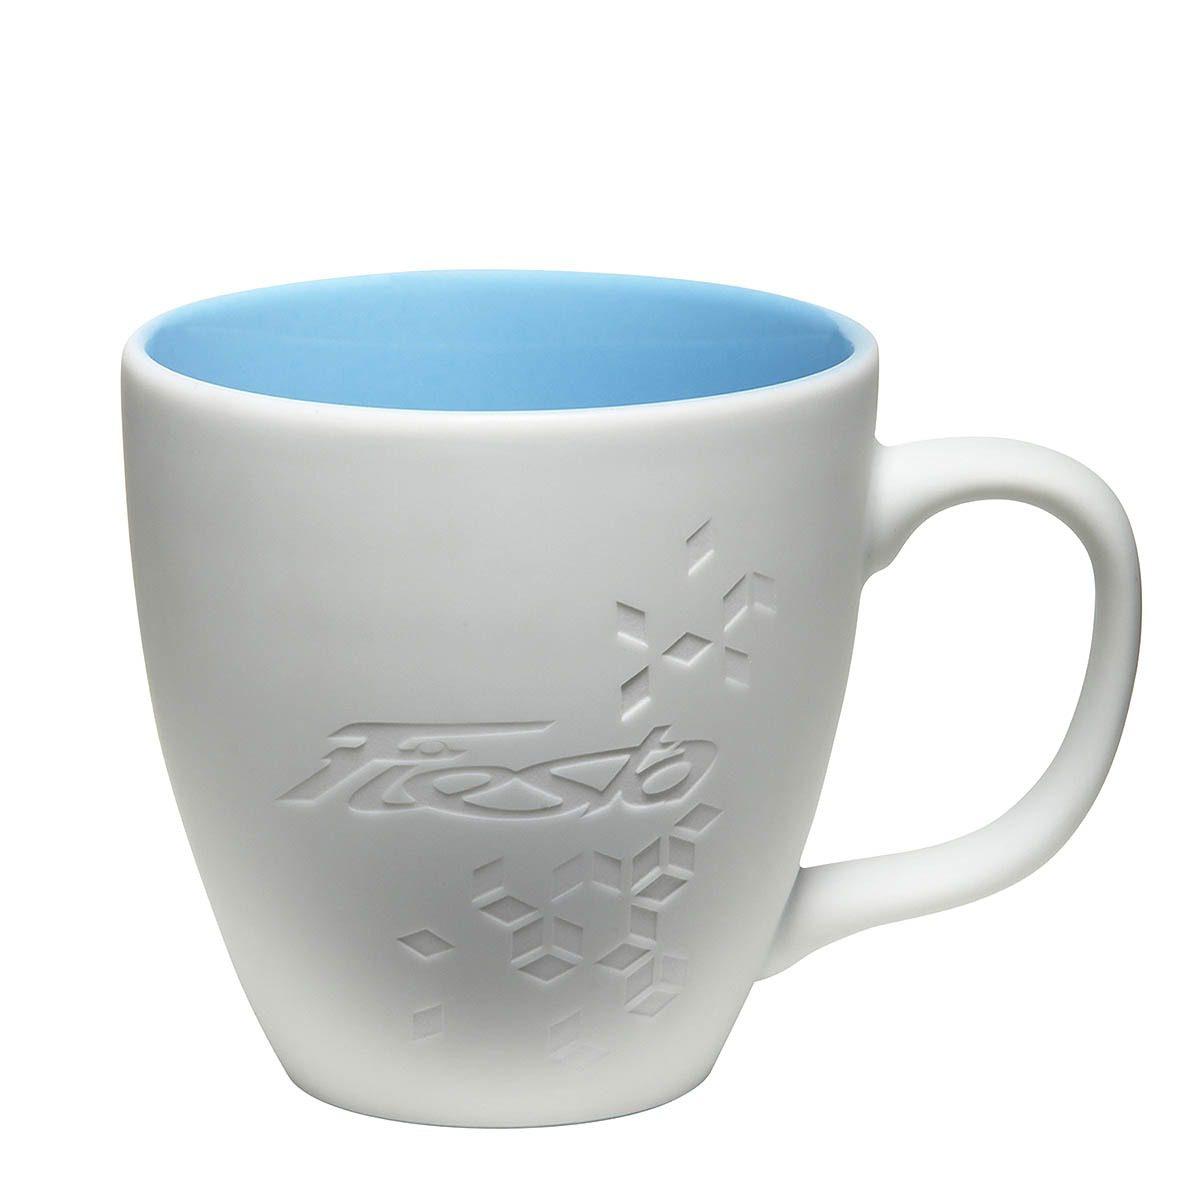 Jumbo mug with logo engraving and Pantone color inside - Form 151